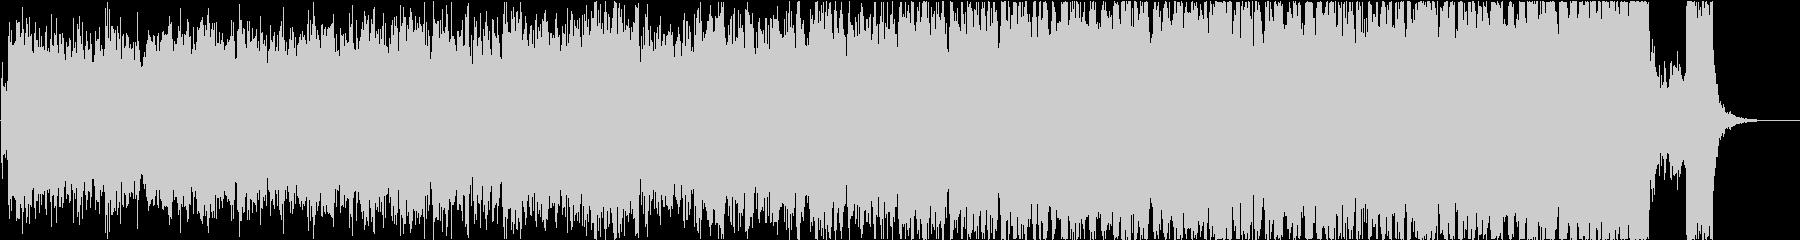 エピック、ヒロイック、シネマティックの未再生の波形